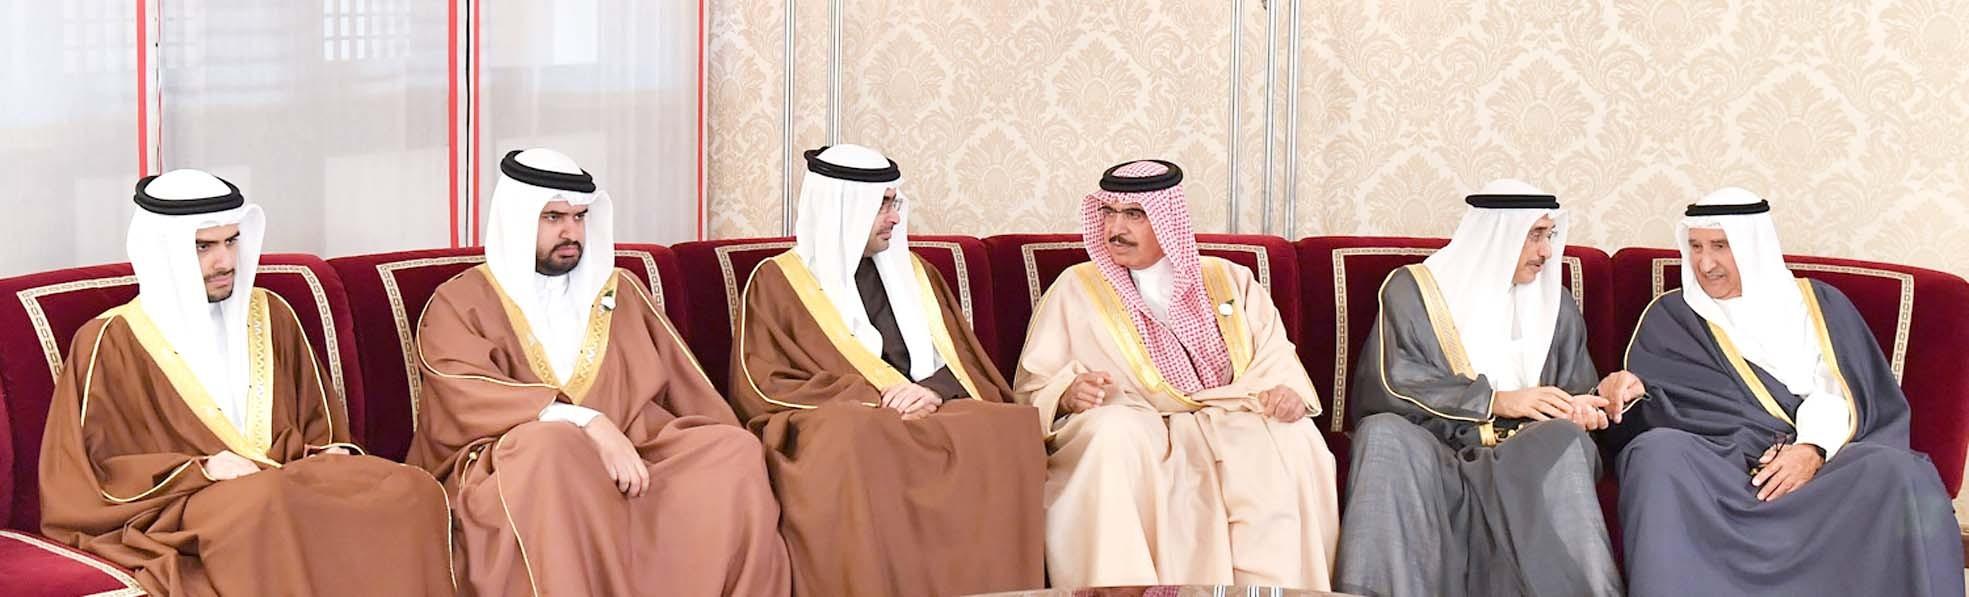 جريدة البلاد أشقاء جلالة الملك يتقبلون التعازي